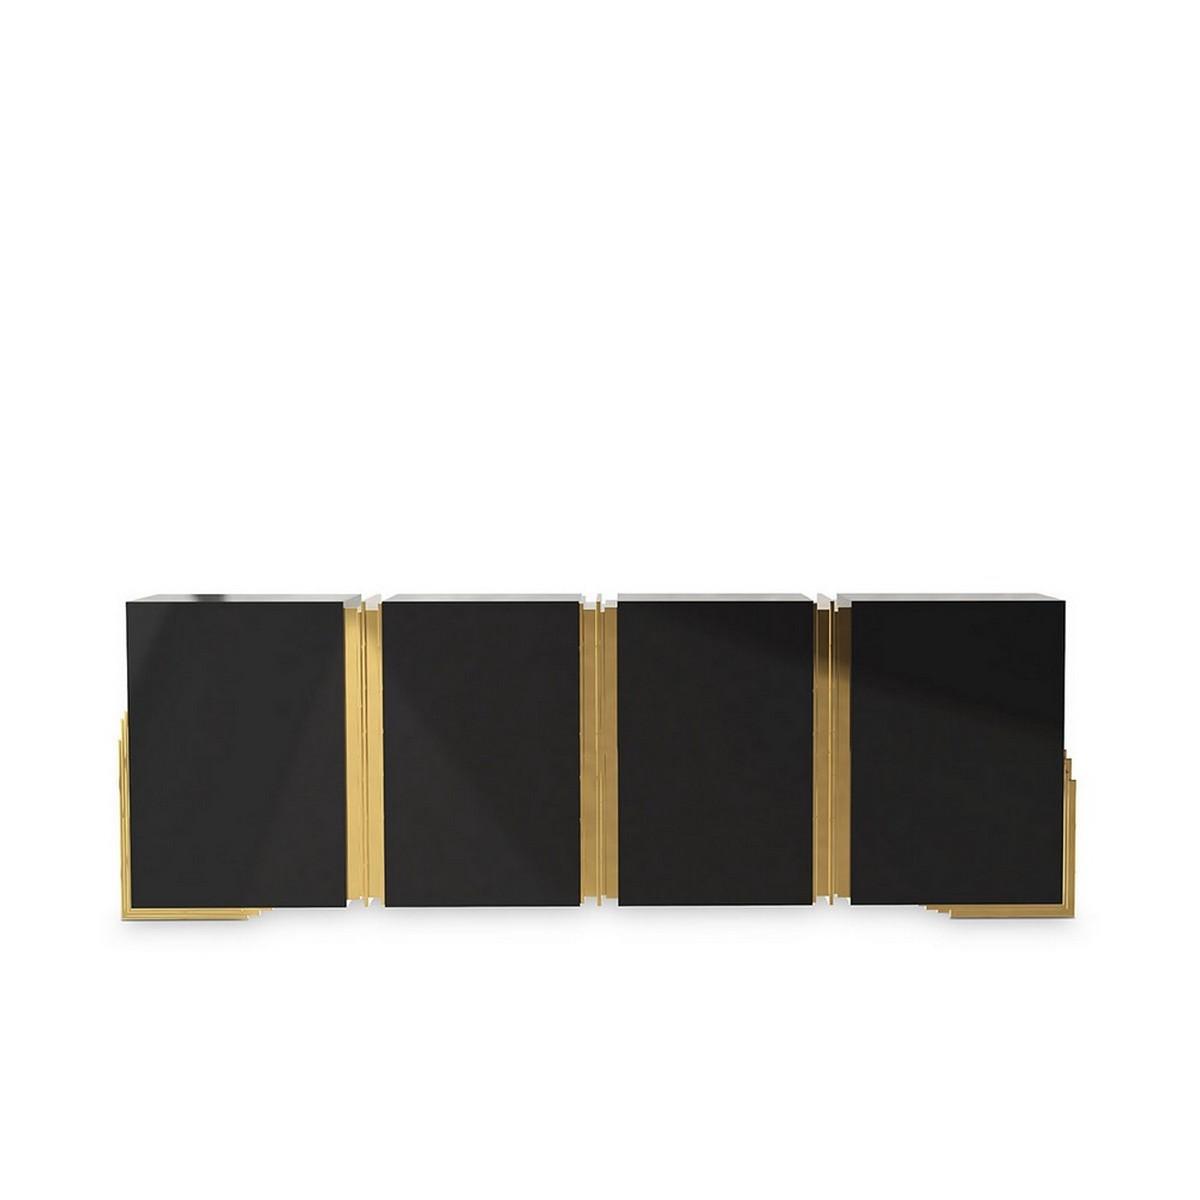 Aparadores lujuosos y elegantes: Color Negra es un misterio aparadores lujuosos Aparadores lujuosos y elegantes: Color Negra es un misterio lx tenor sideboard general img 1200x1200